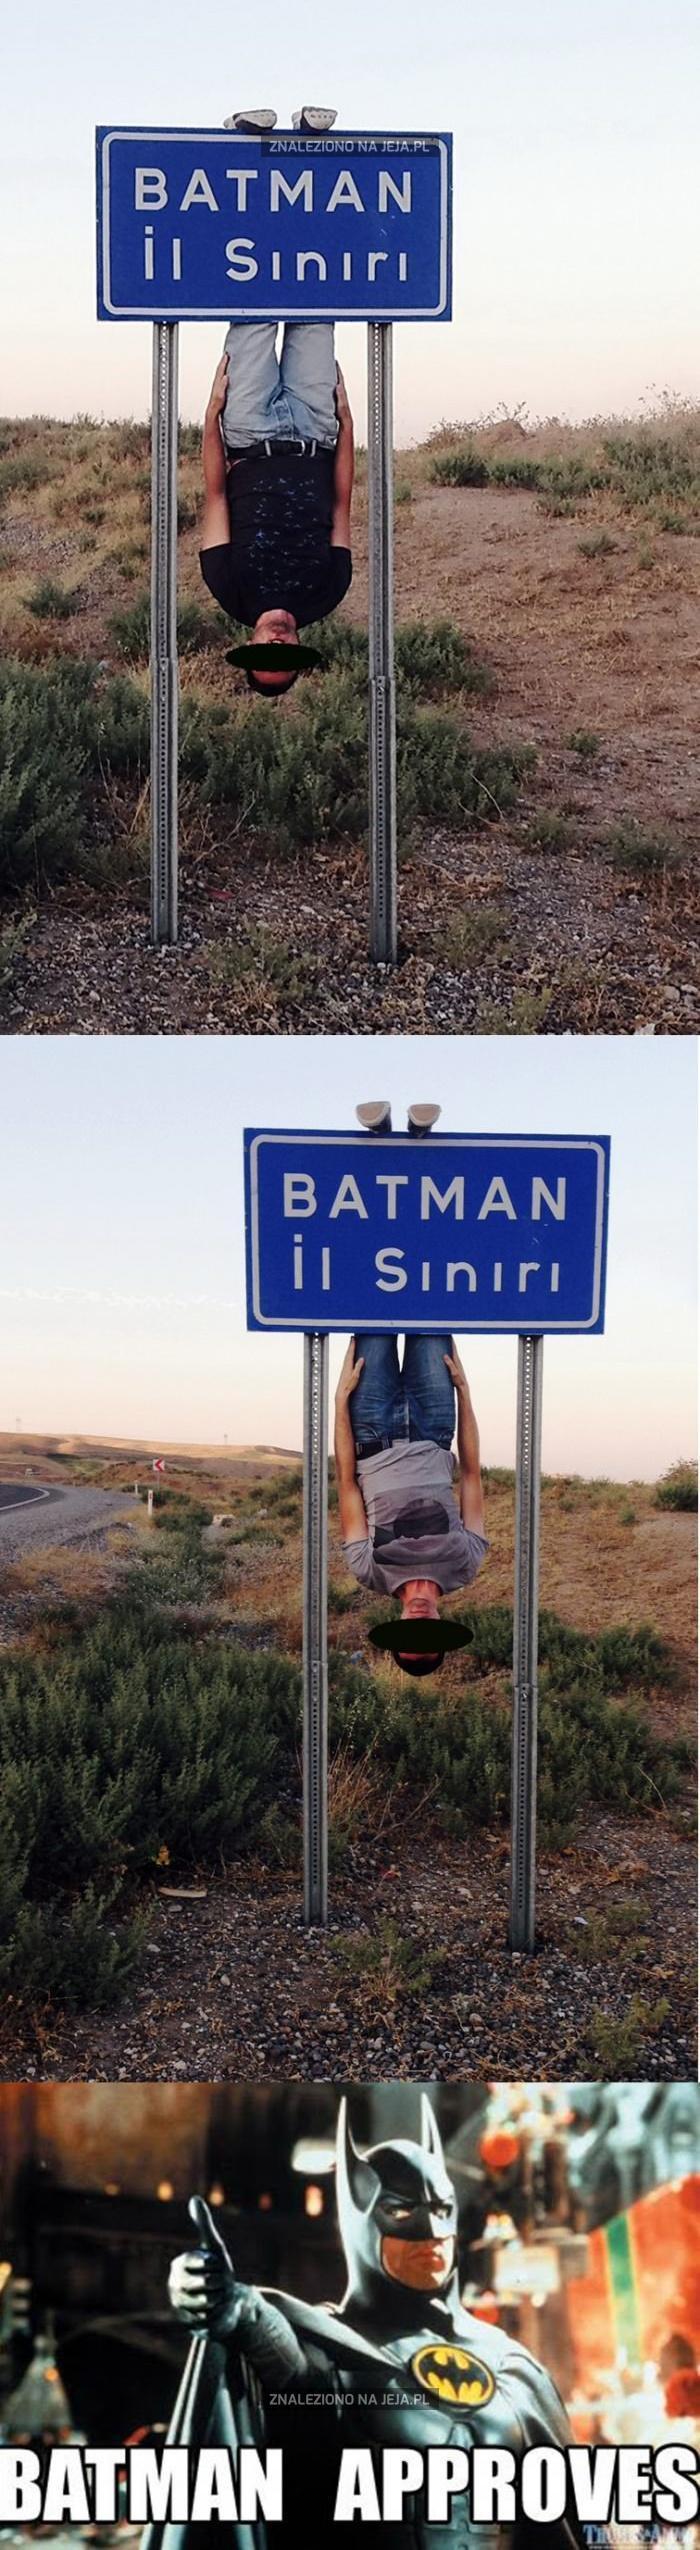 Szybko, do Batmana!